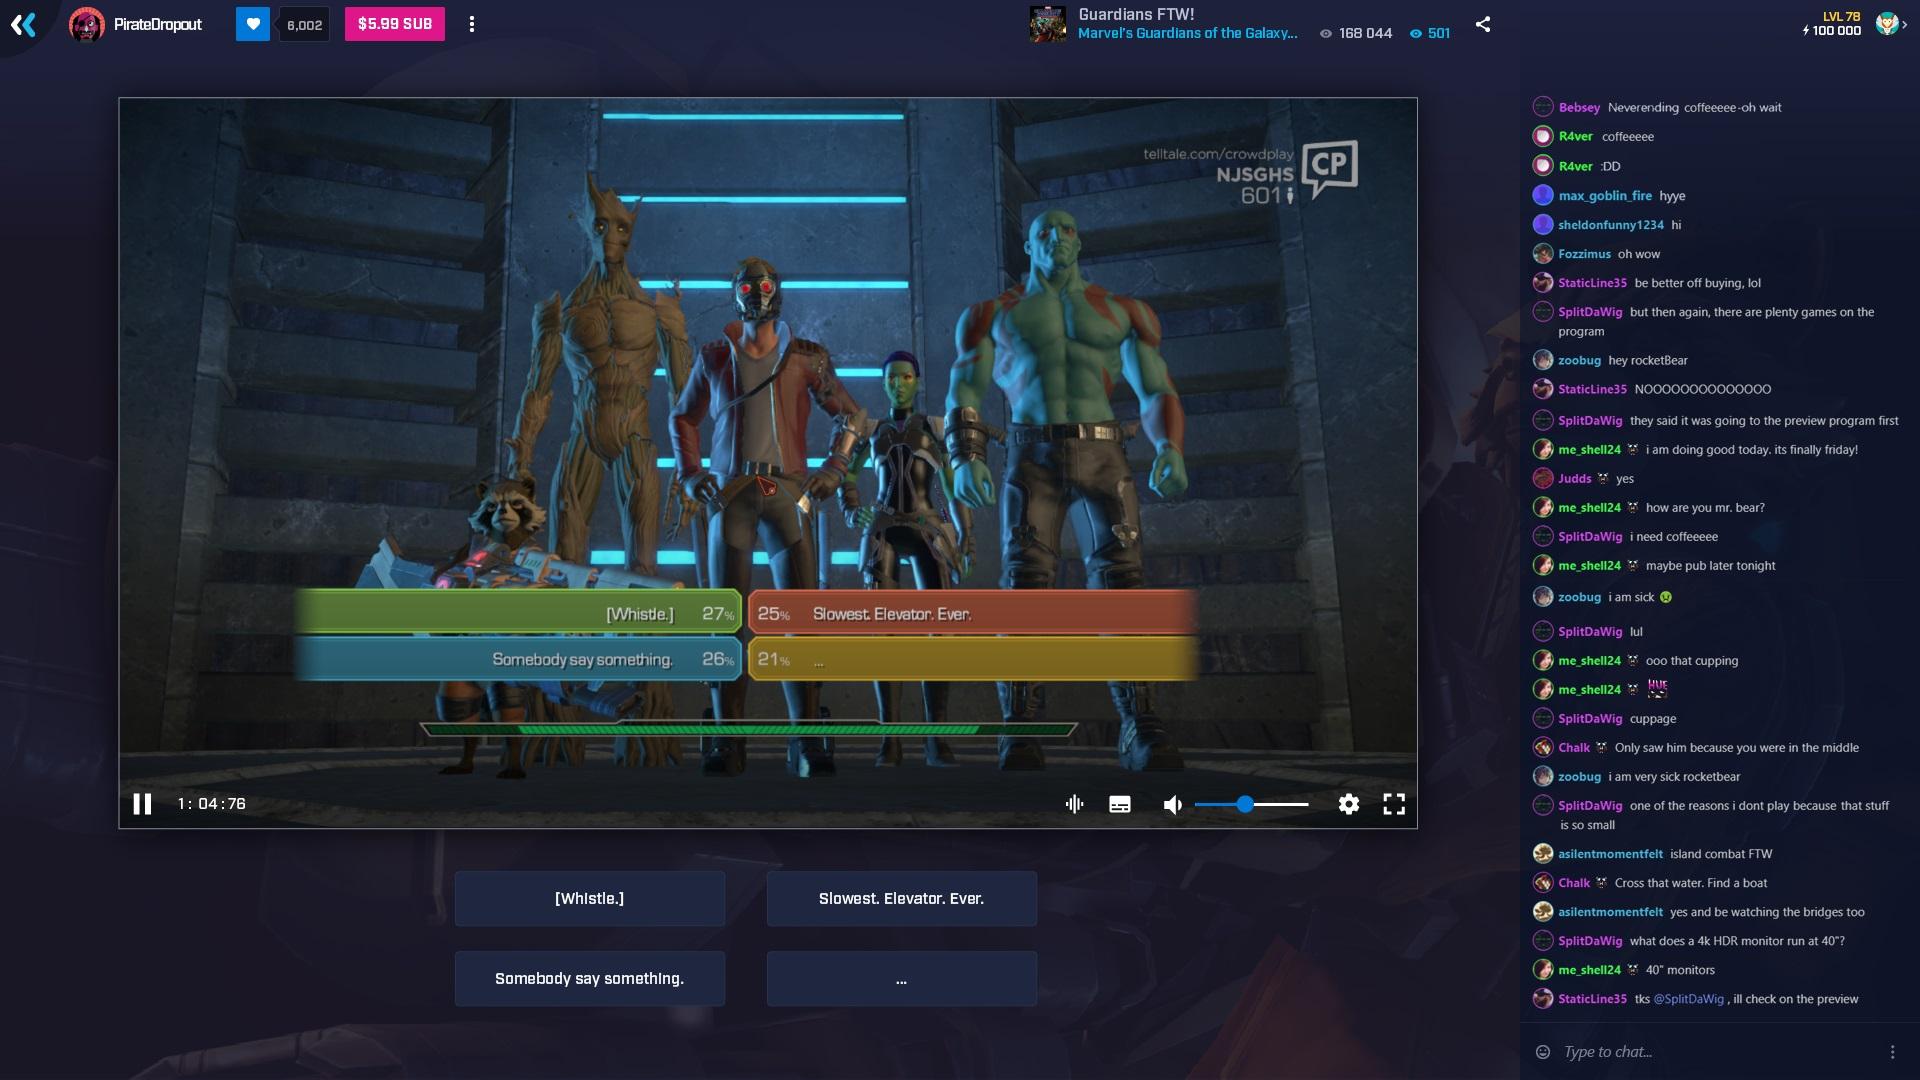 Microsoft veut donner un nouvel lan son service de for Fenetre sur cour streaming